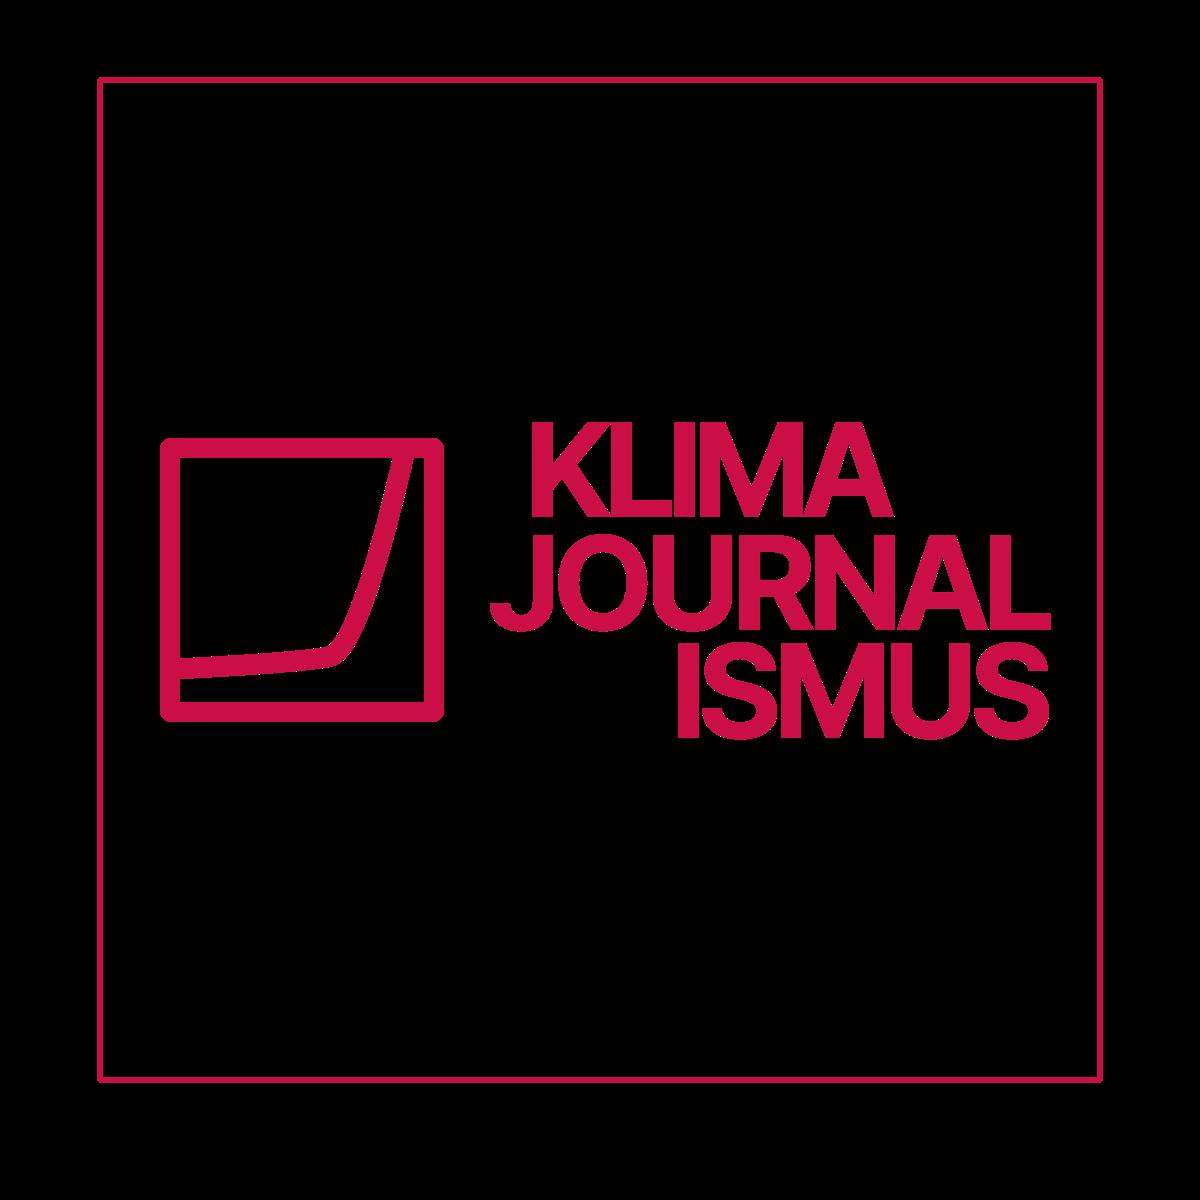 Klimajournalismus